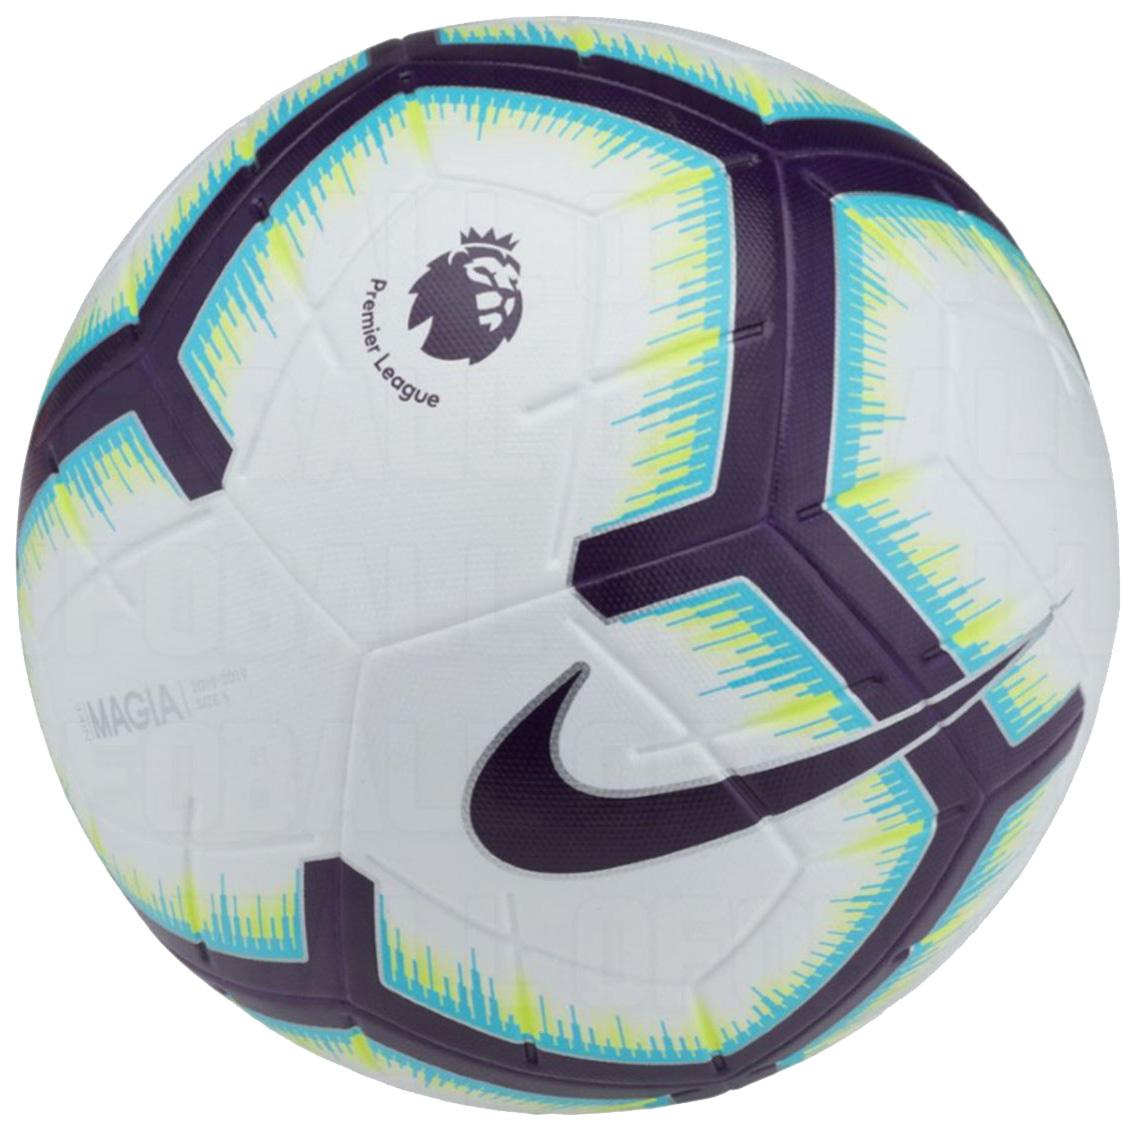 Nike_Merlin_APL.jpg.4f1f5ab93ffac1474f99b5947e409682.jpg